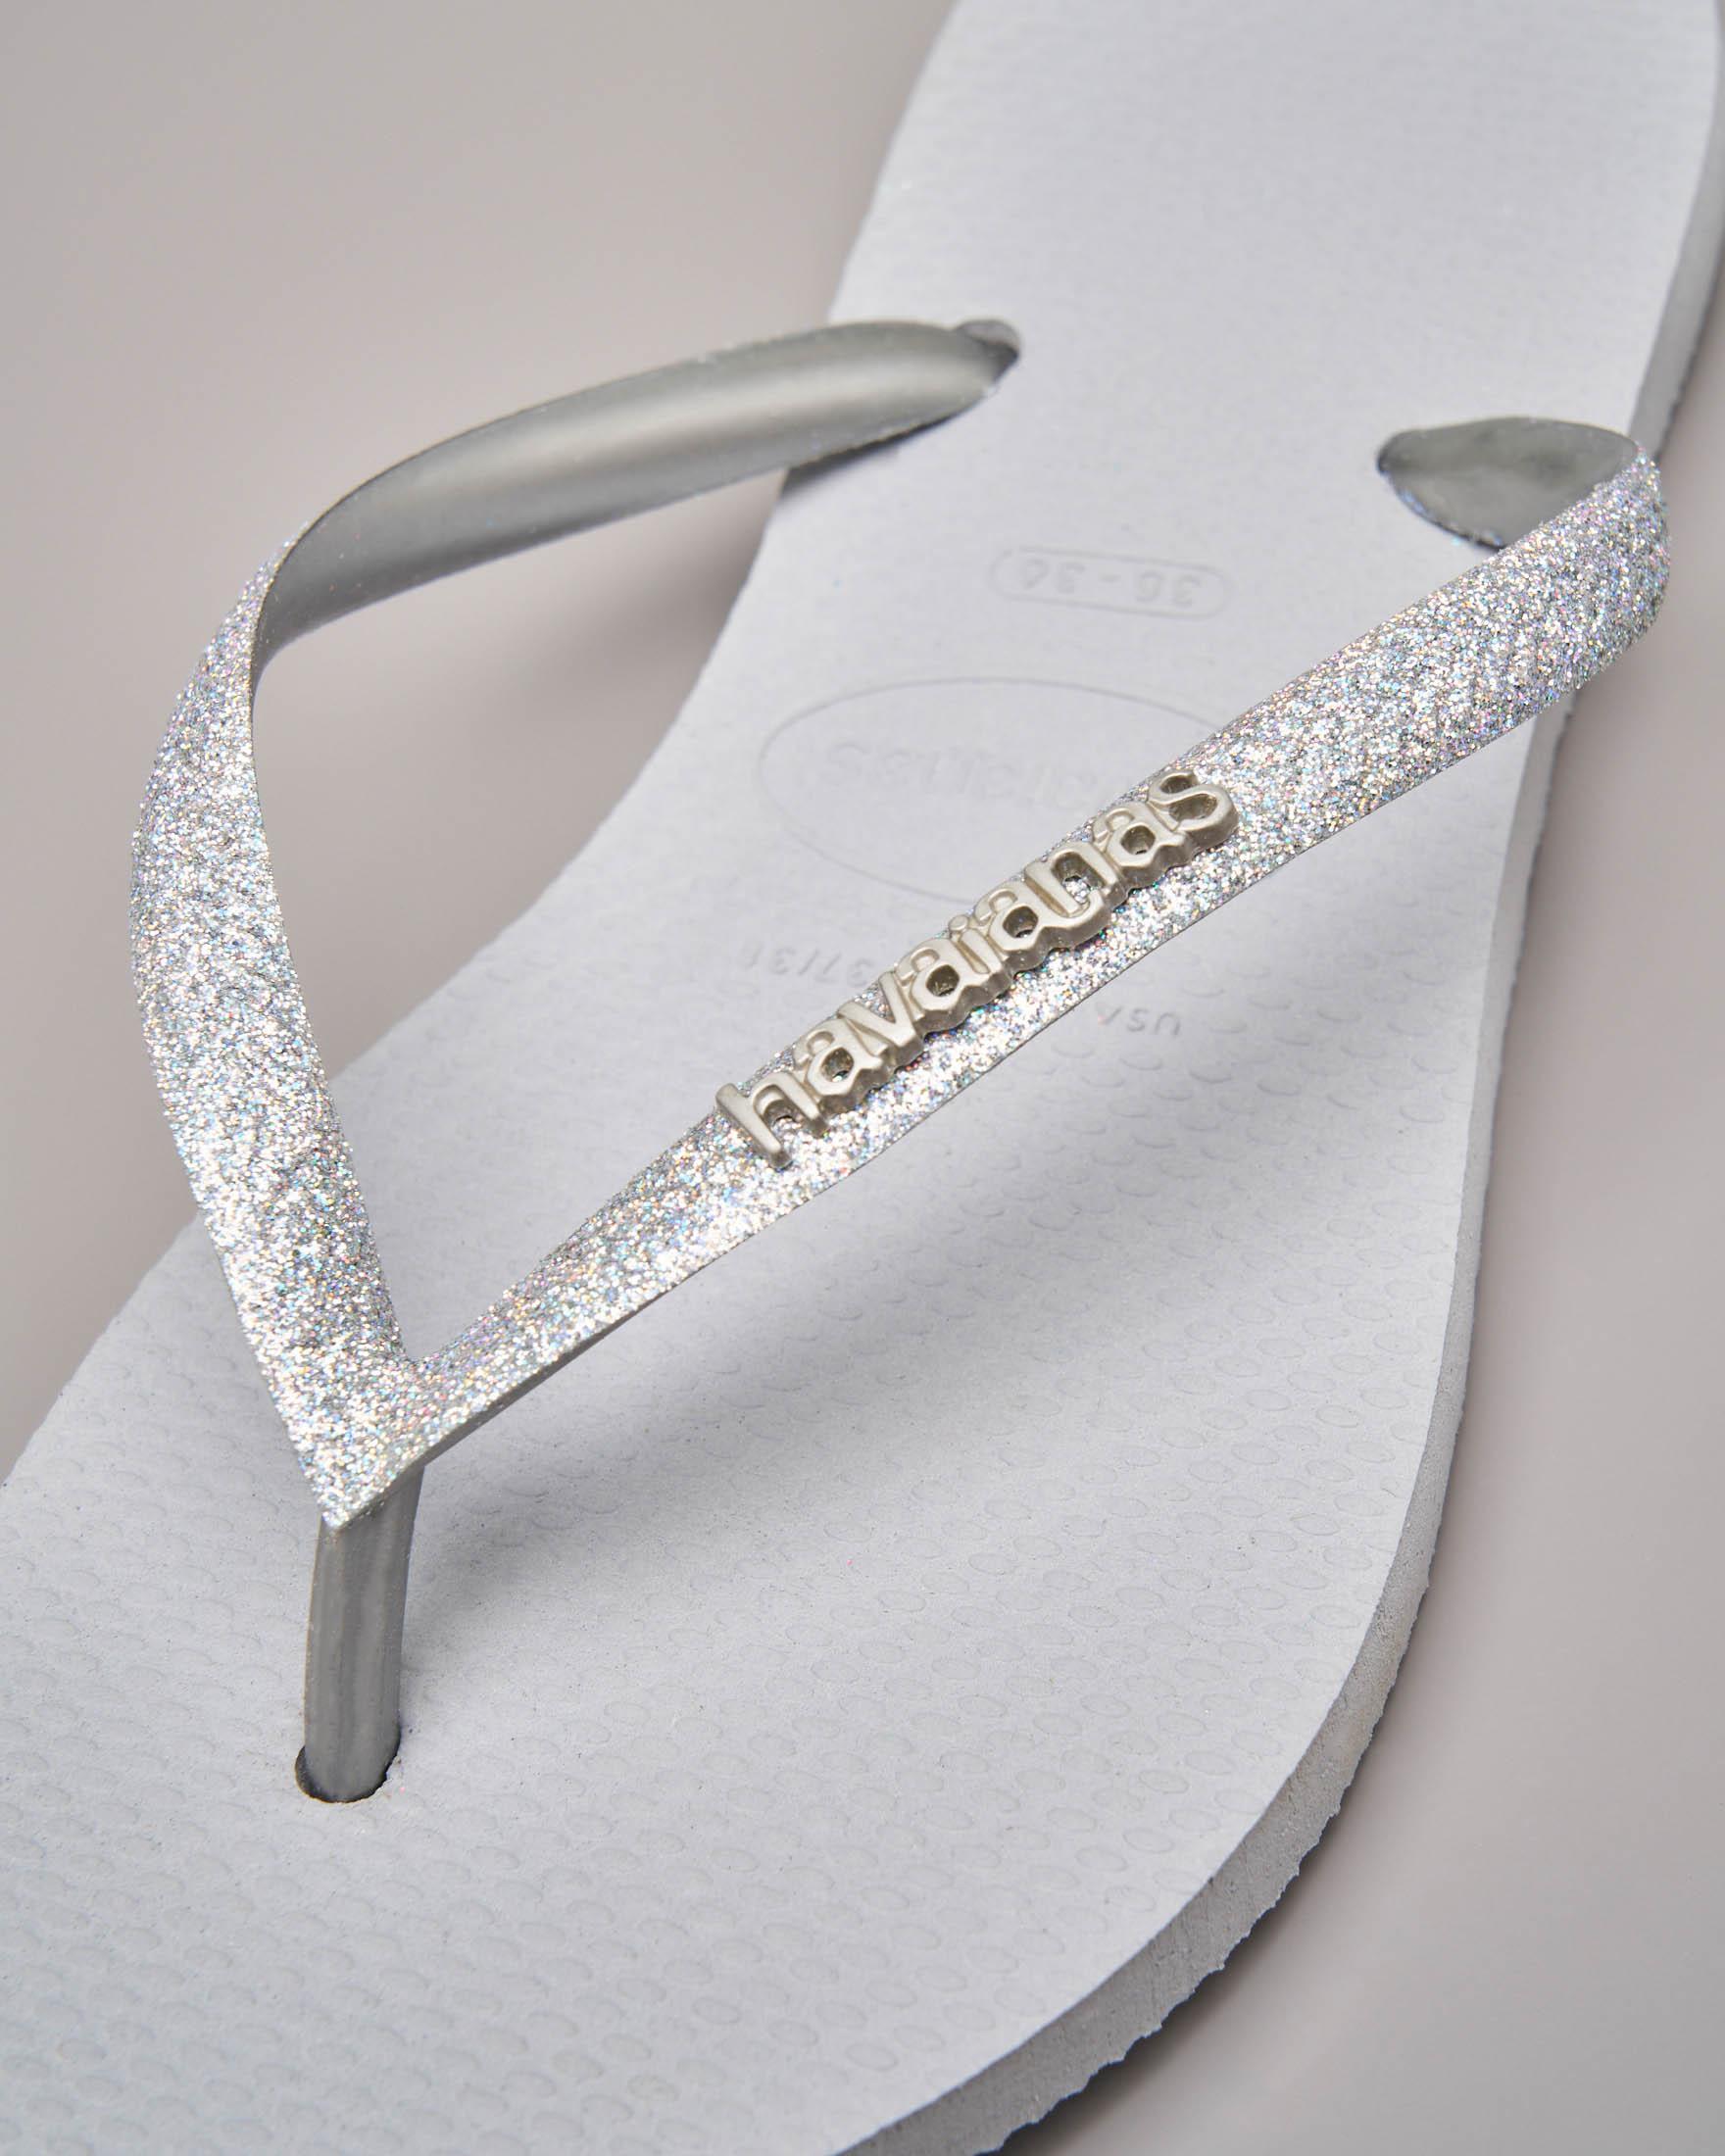 Havaianas glitter argento con logo in metallo